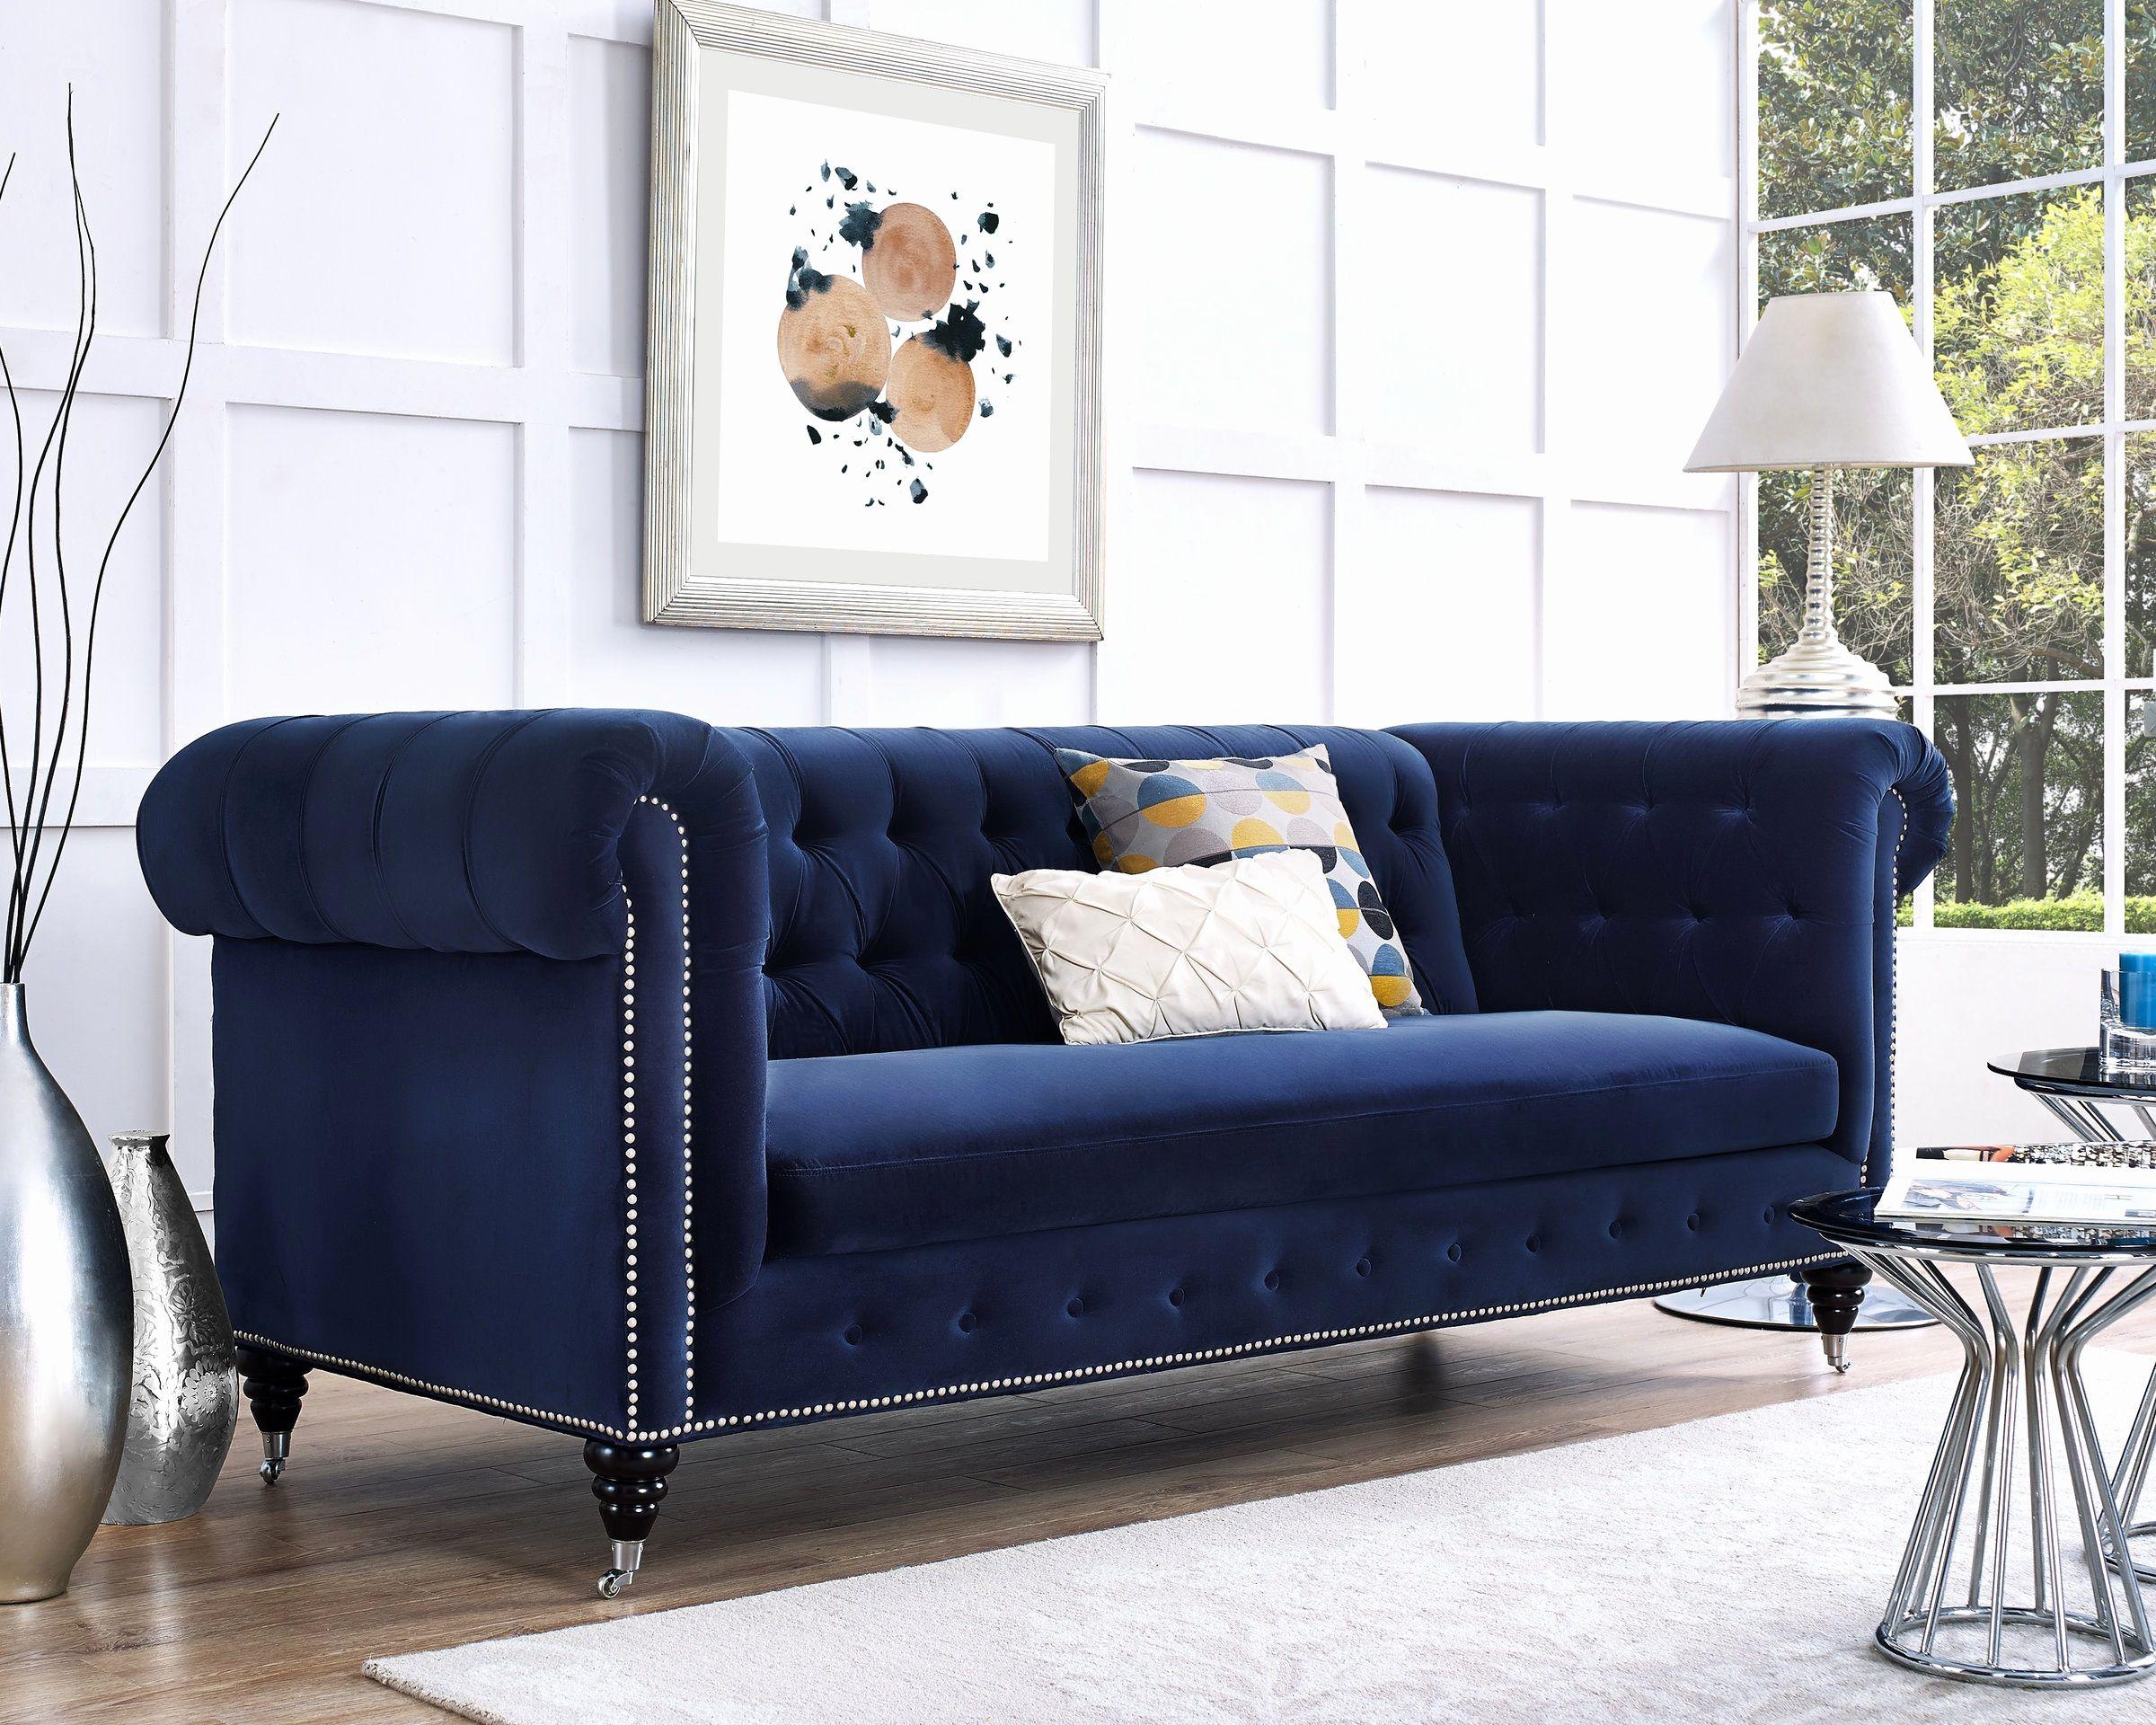 Best Of Dark Blue Velvet Sofa Photograpy Awesome Navy Blue Velvet